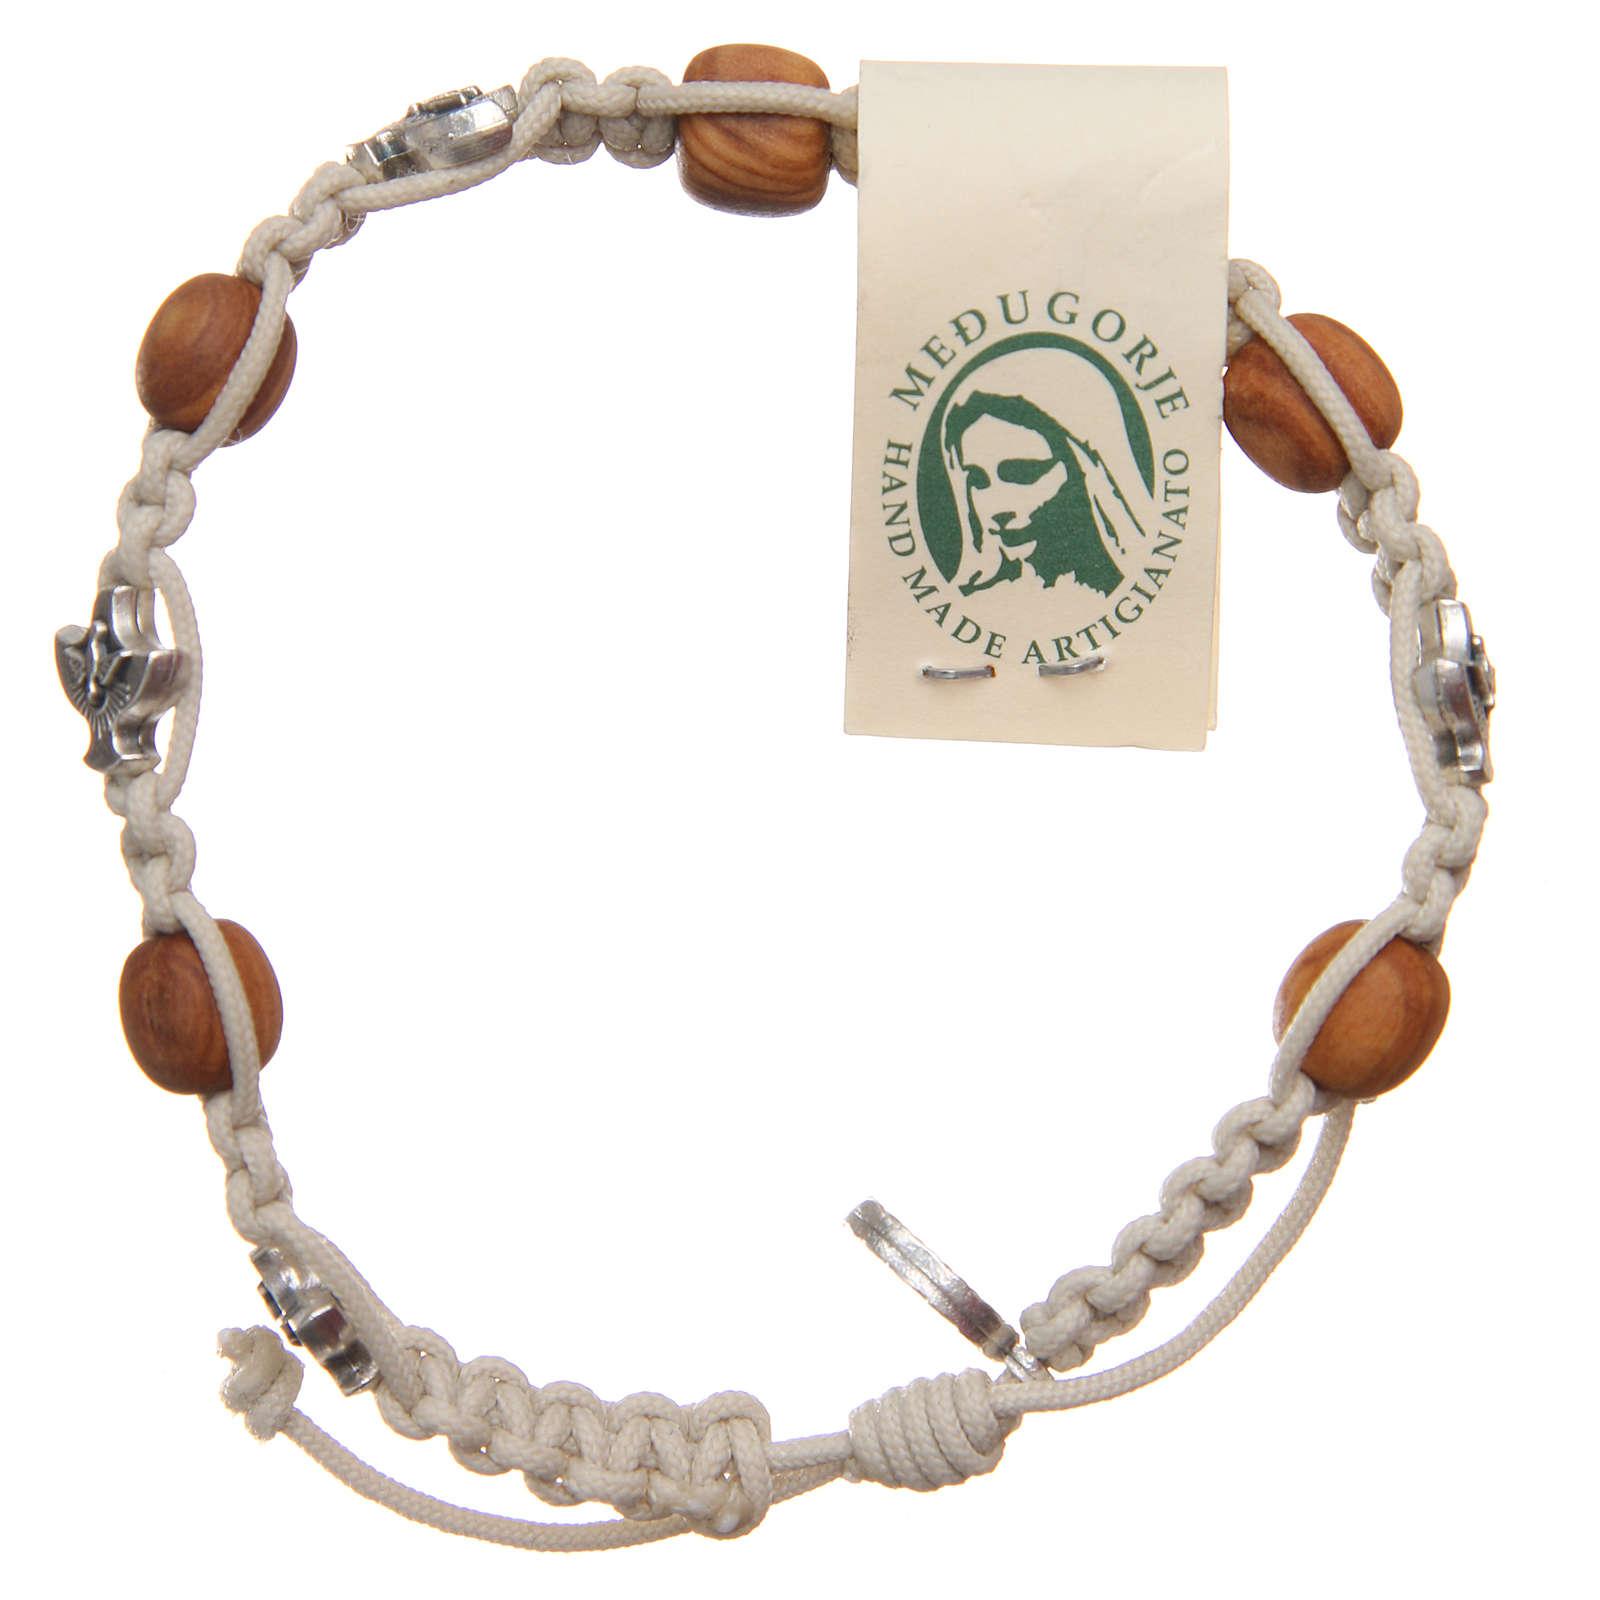 Bracelet Medjugorje beige rope and olive wood 4